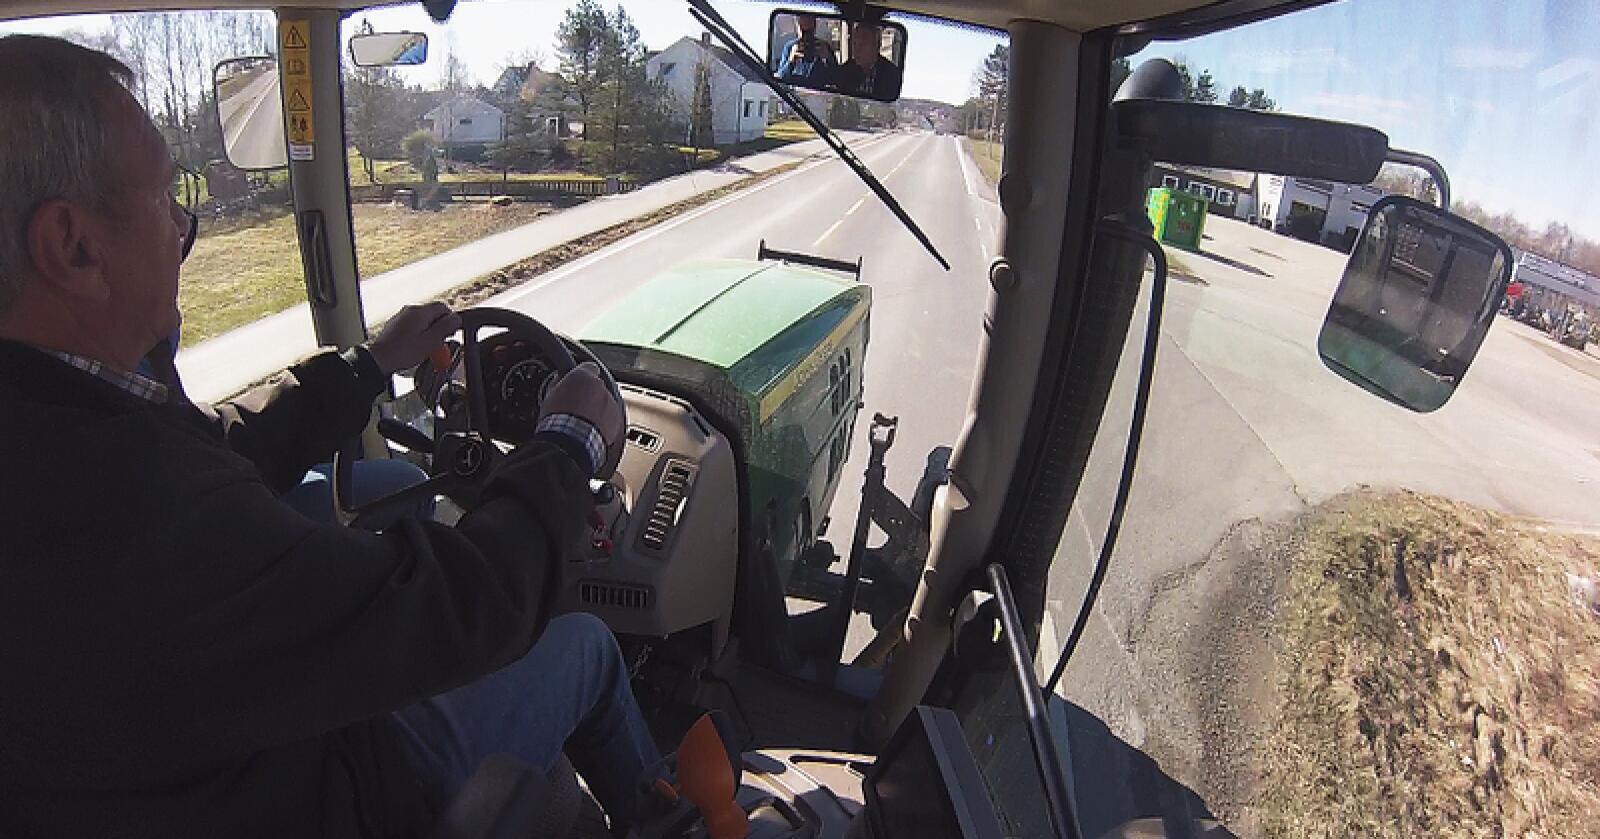 Å ta førerkort på traktor er en kostbar affære, men stiller man godt forberedt, kan man spare mye penger. Arkivfoto: Traktor